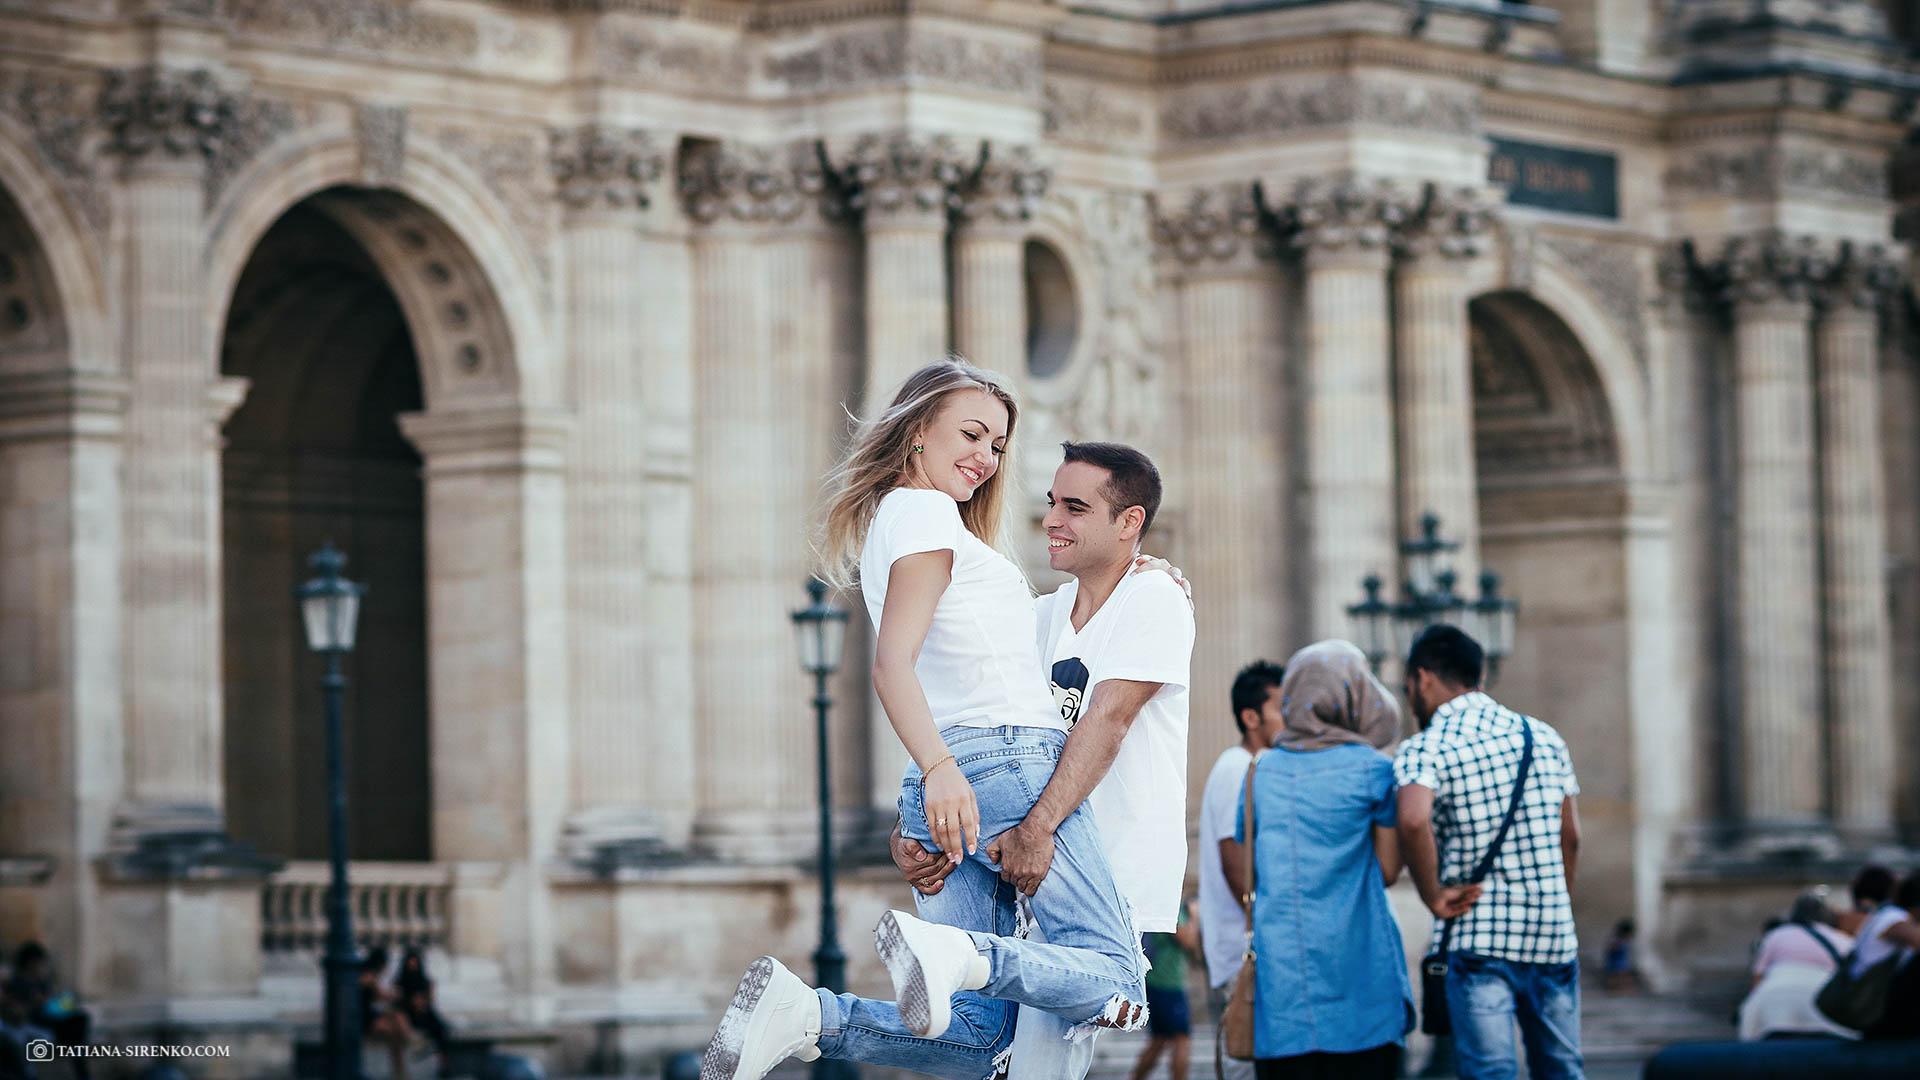 Lovе story в Париже